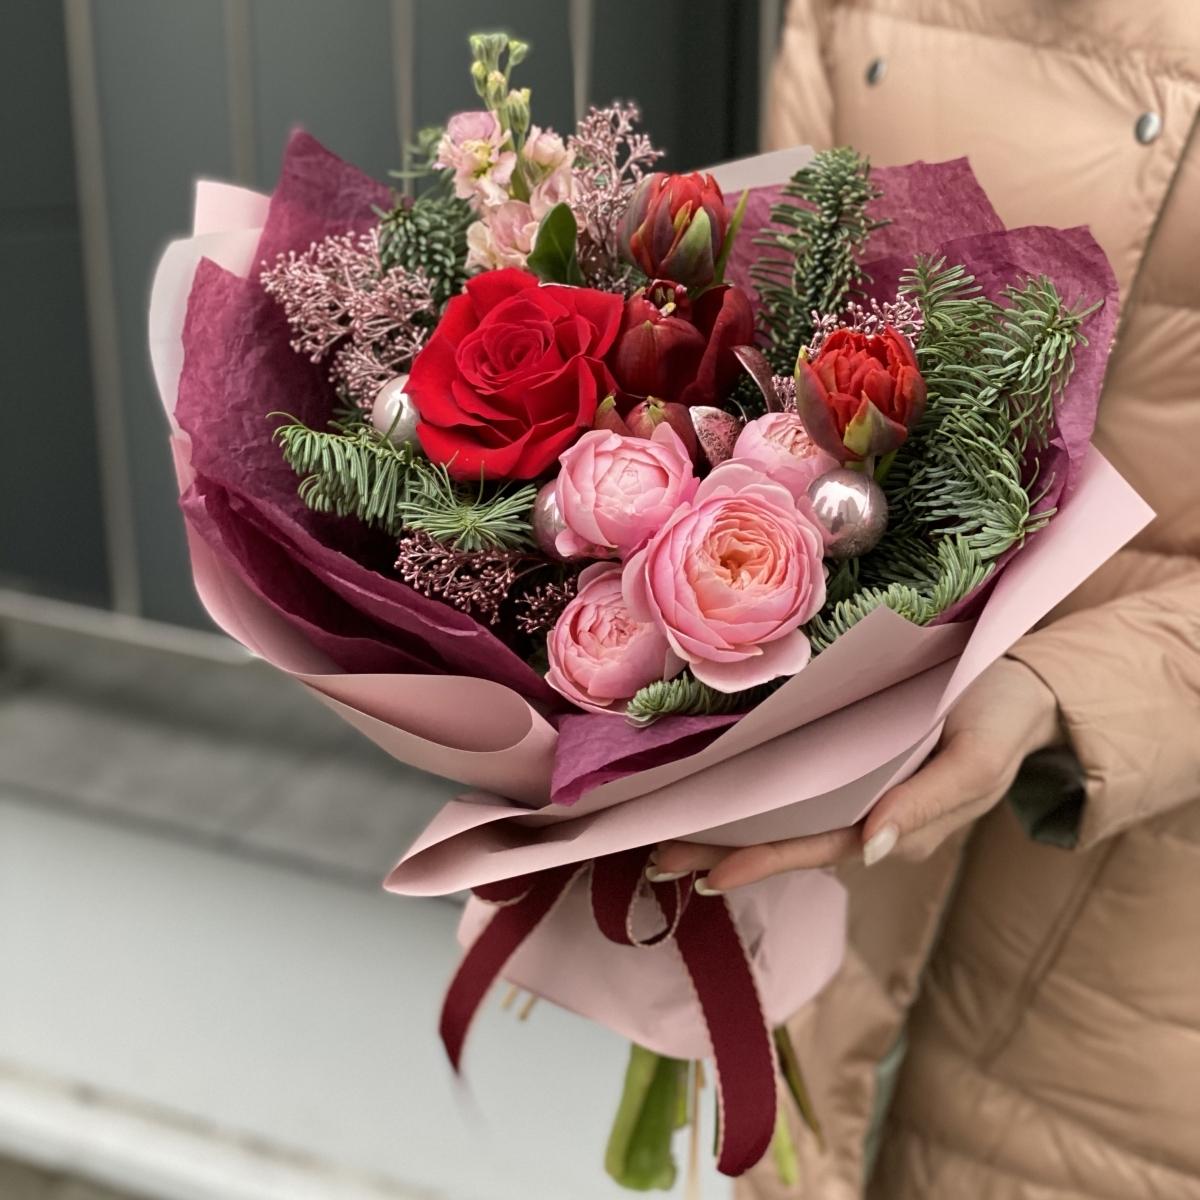 Букет из нобилиса, тюльпанов, амарилисса, роз, скиммии и праздничного декора Ароматный глинтвейн